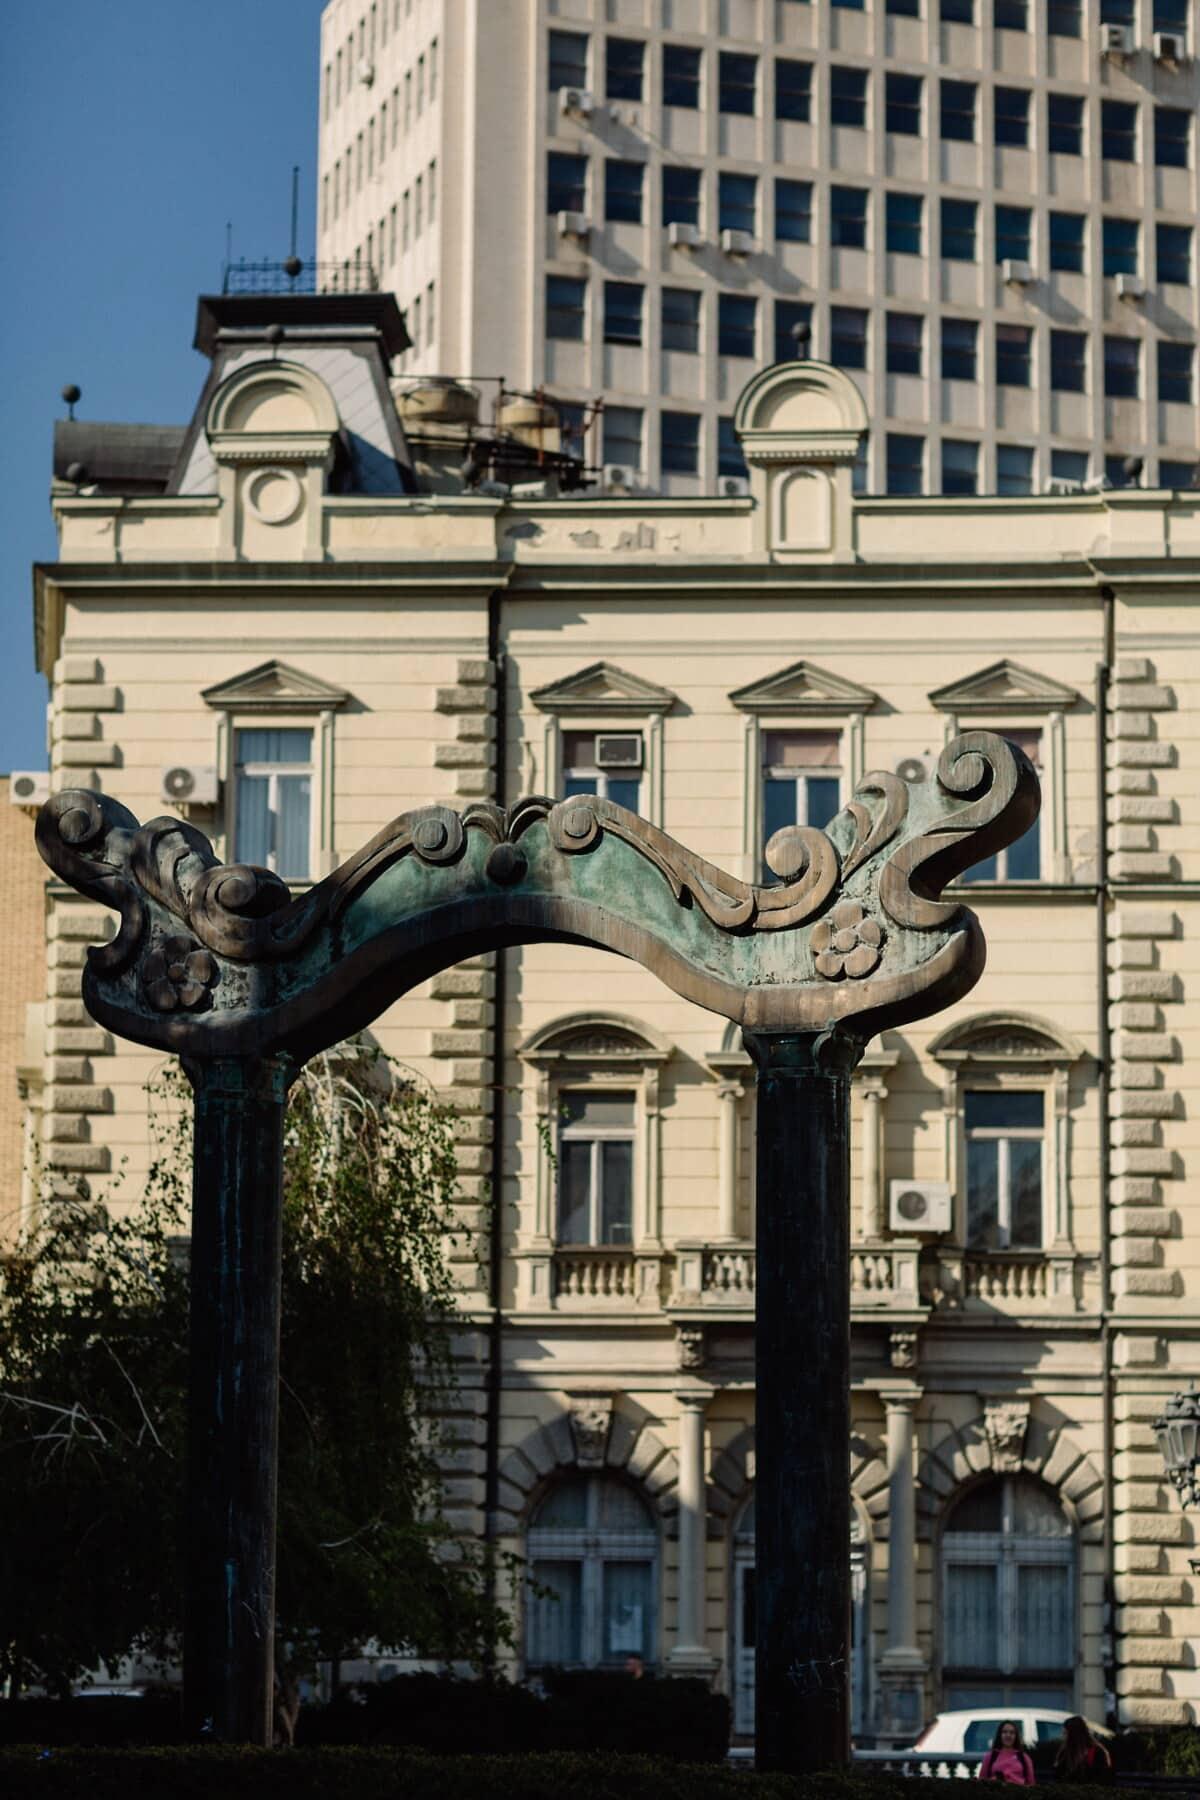 Skulptur, Bronze, Straße, Stil, Chinesisch, Architektur, Gebäude, Stadt, Haus, alt